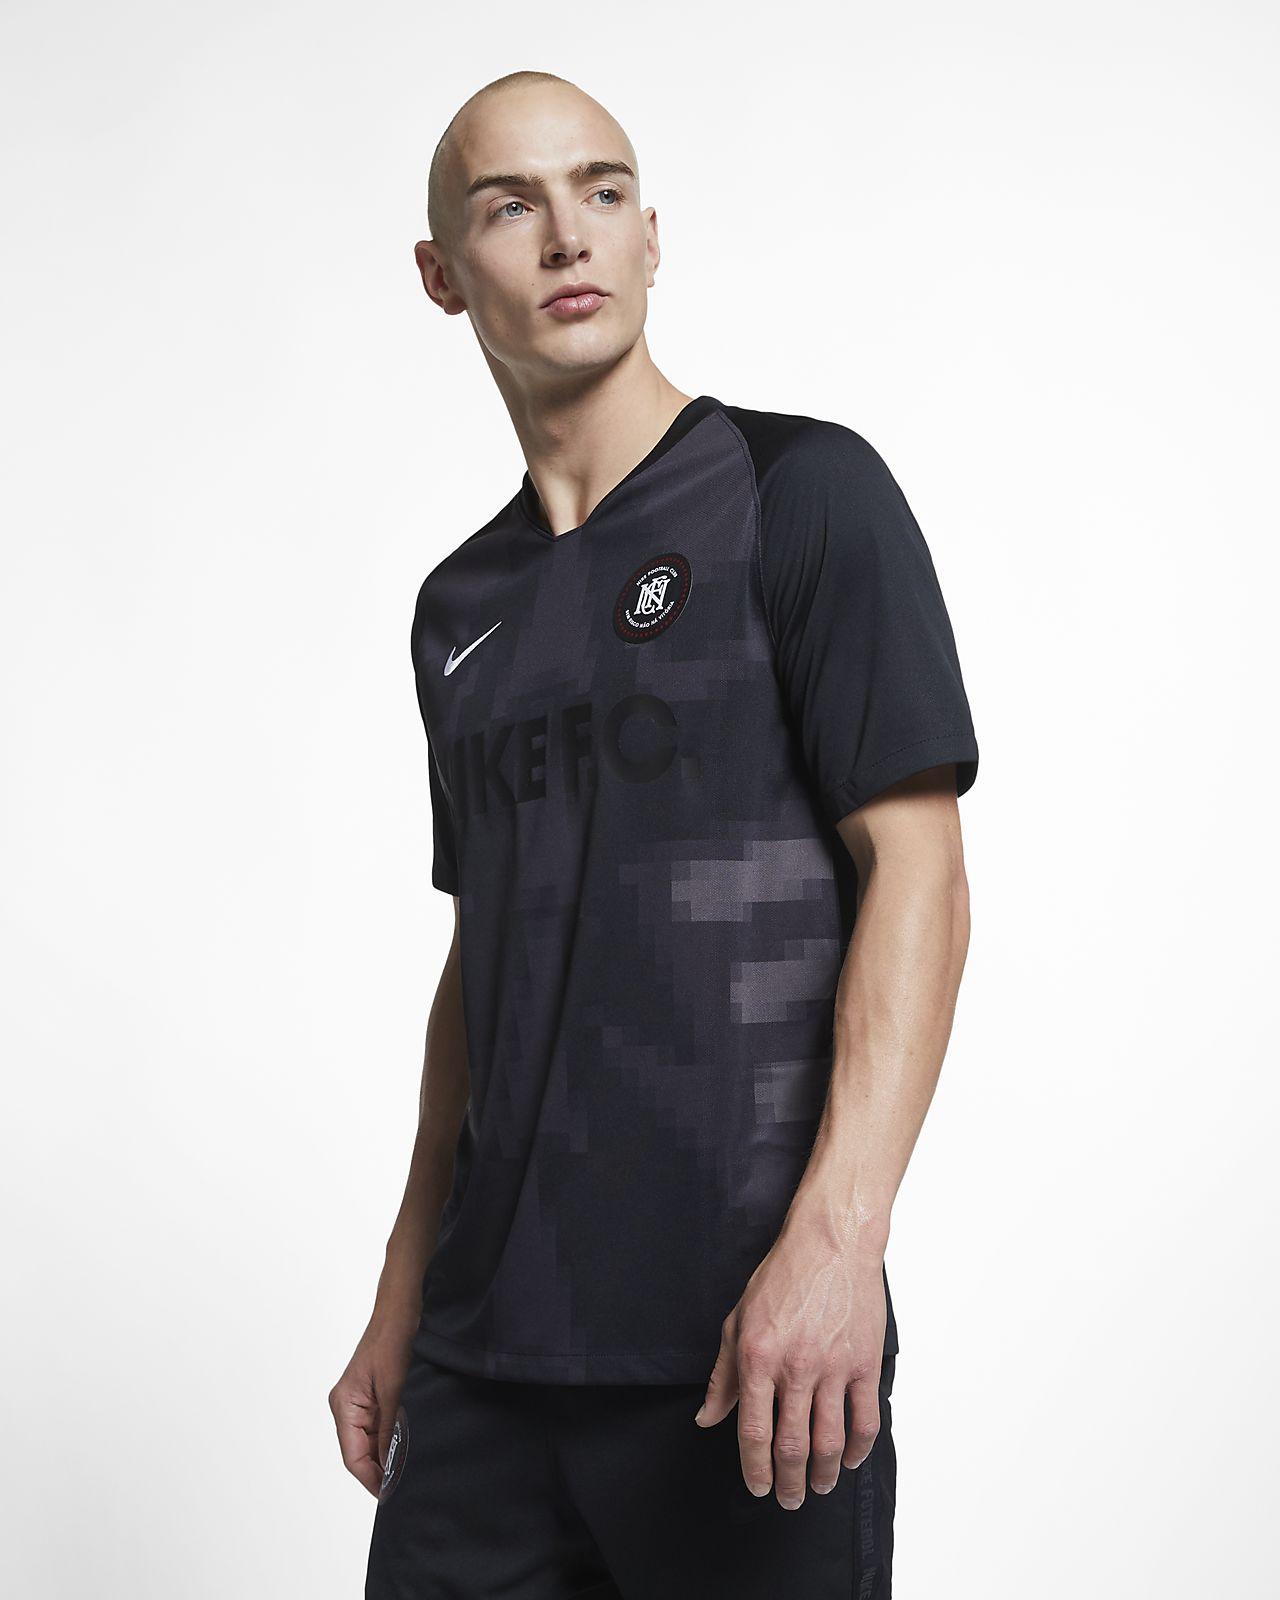 Nike F.C.-fodboldtrøje til mænd